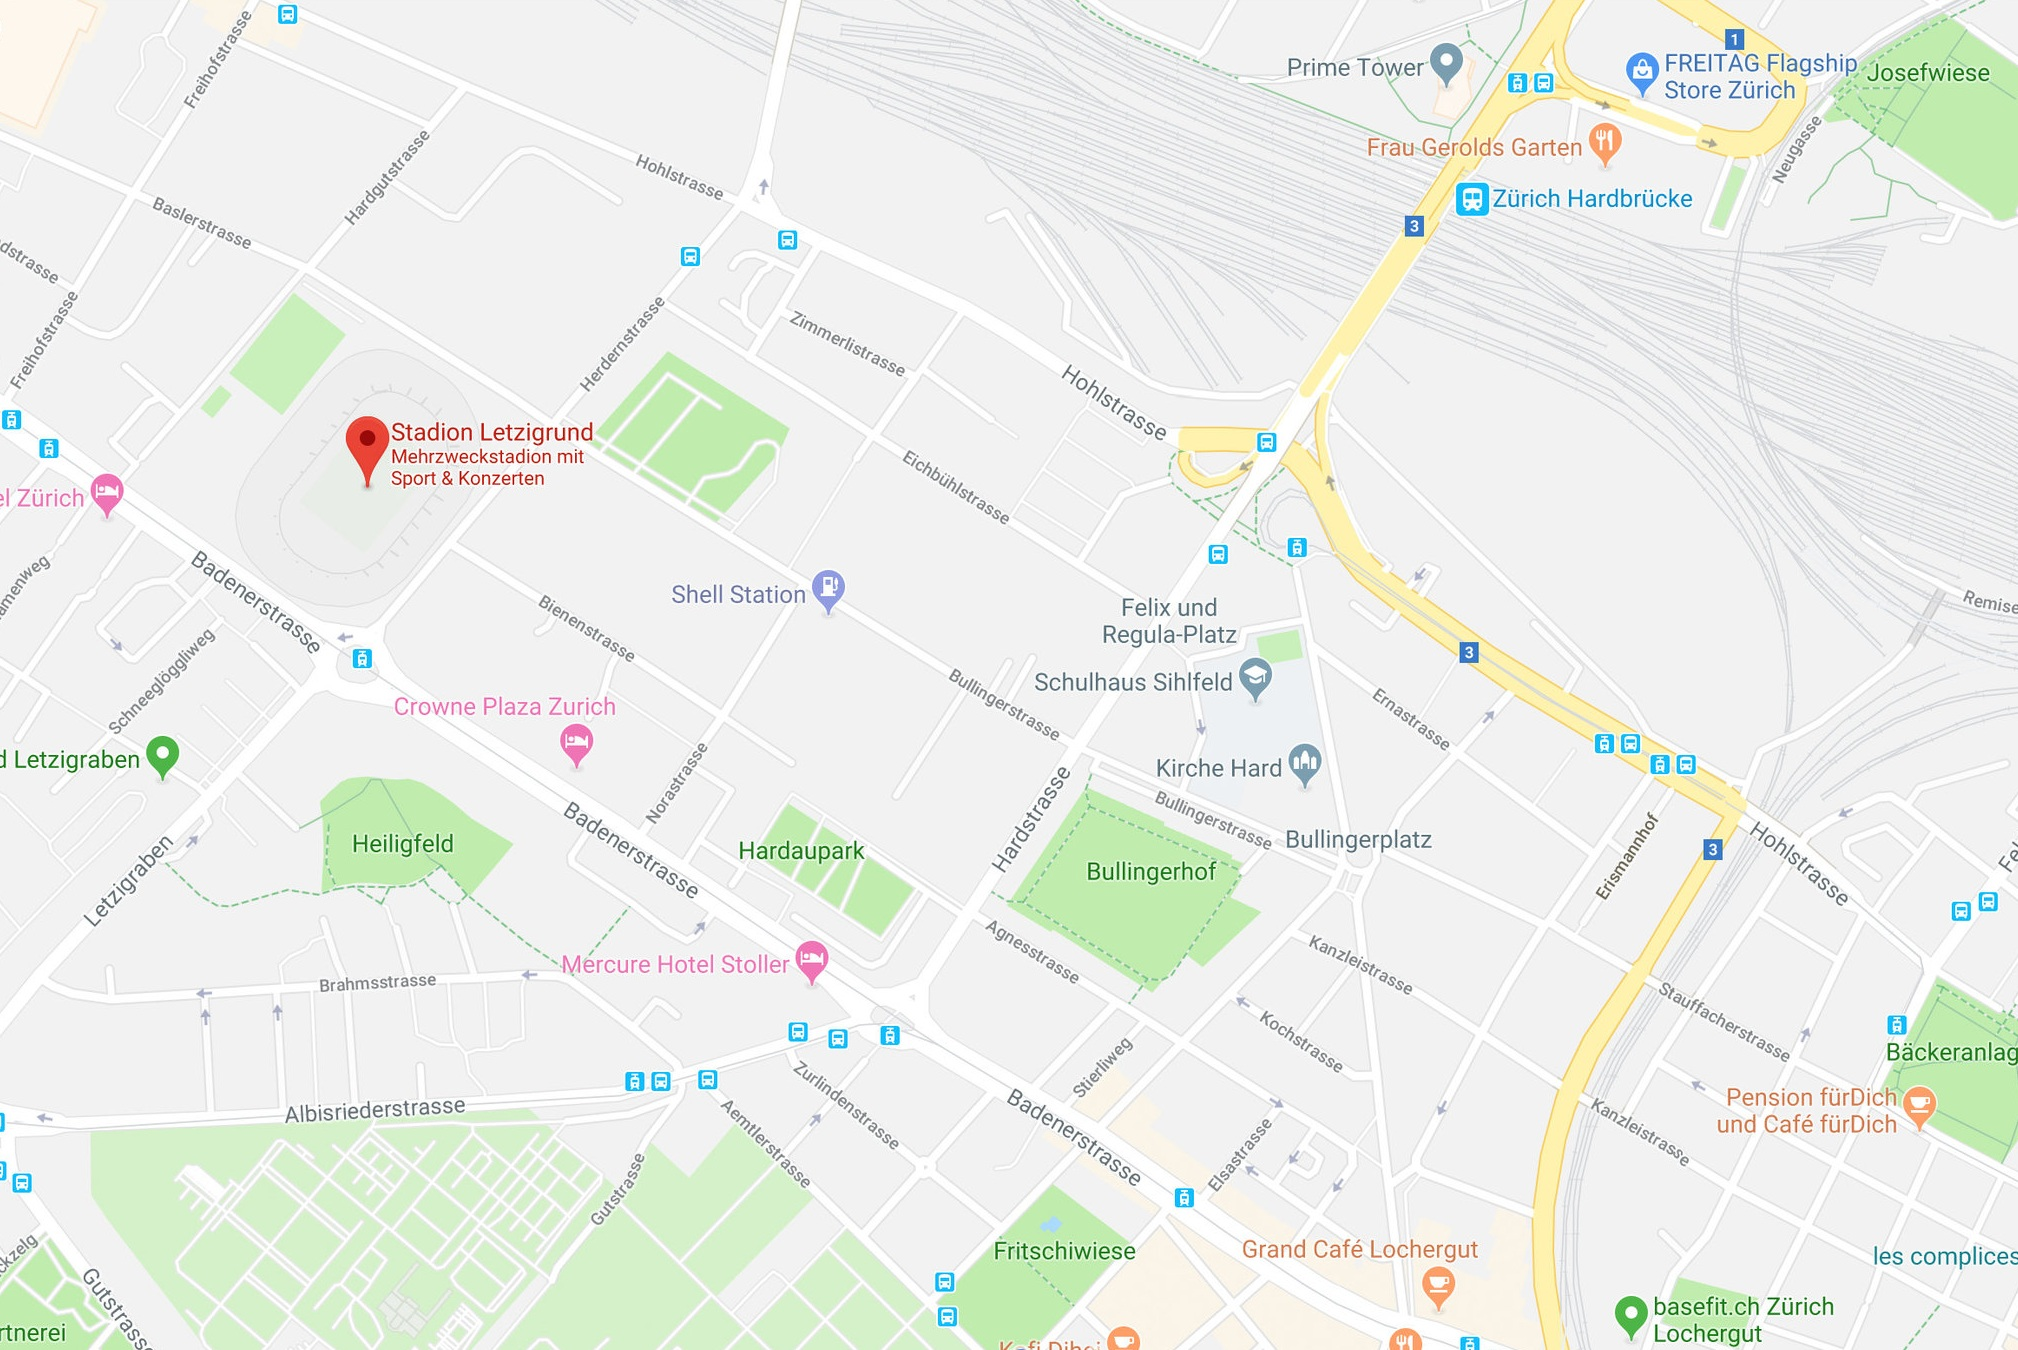 Lageplan Stadion Letzigrund